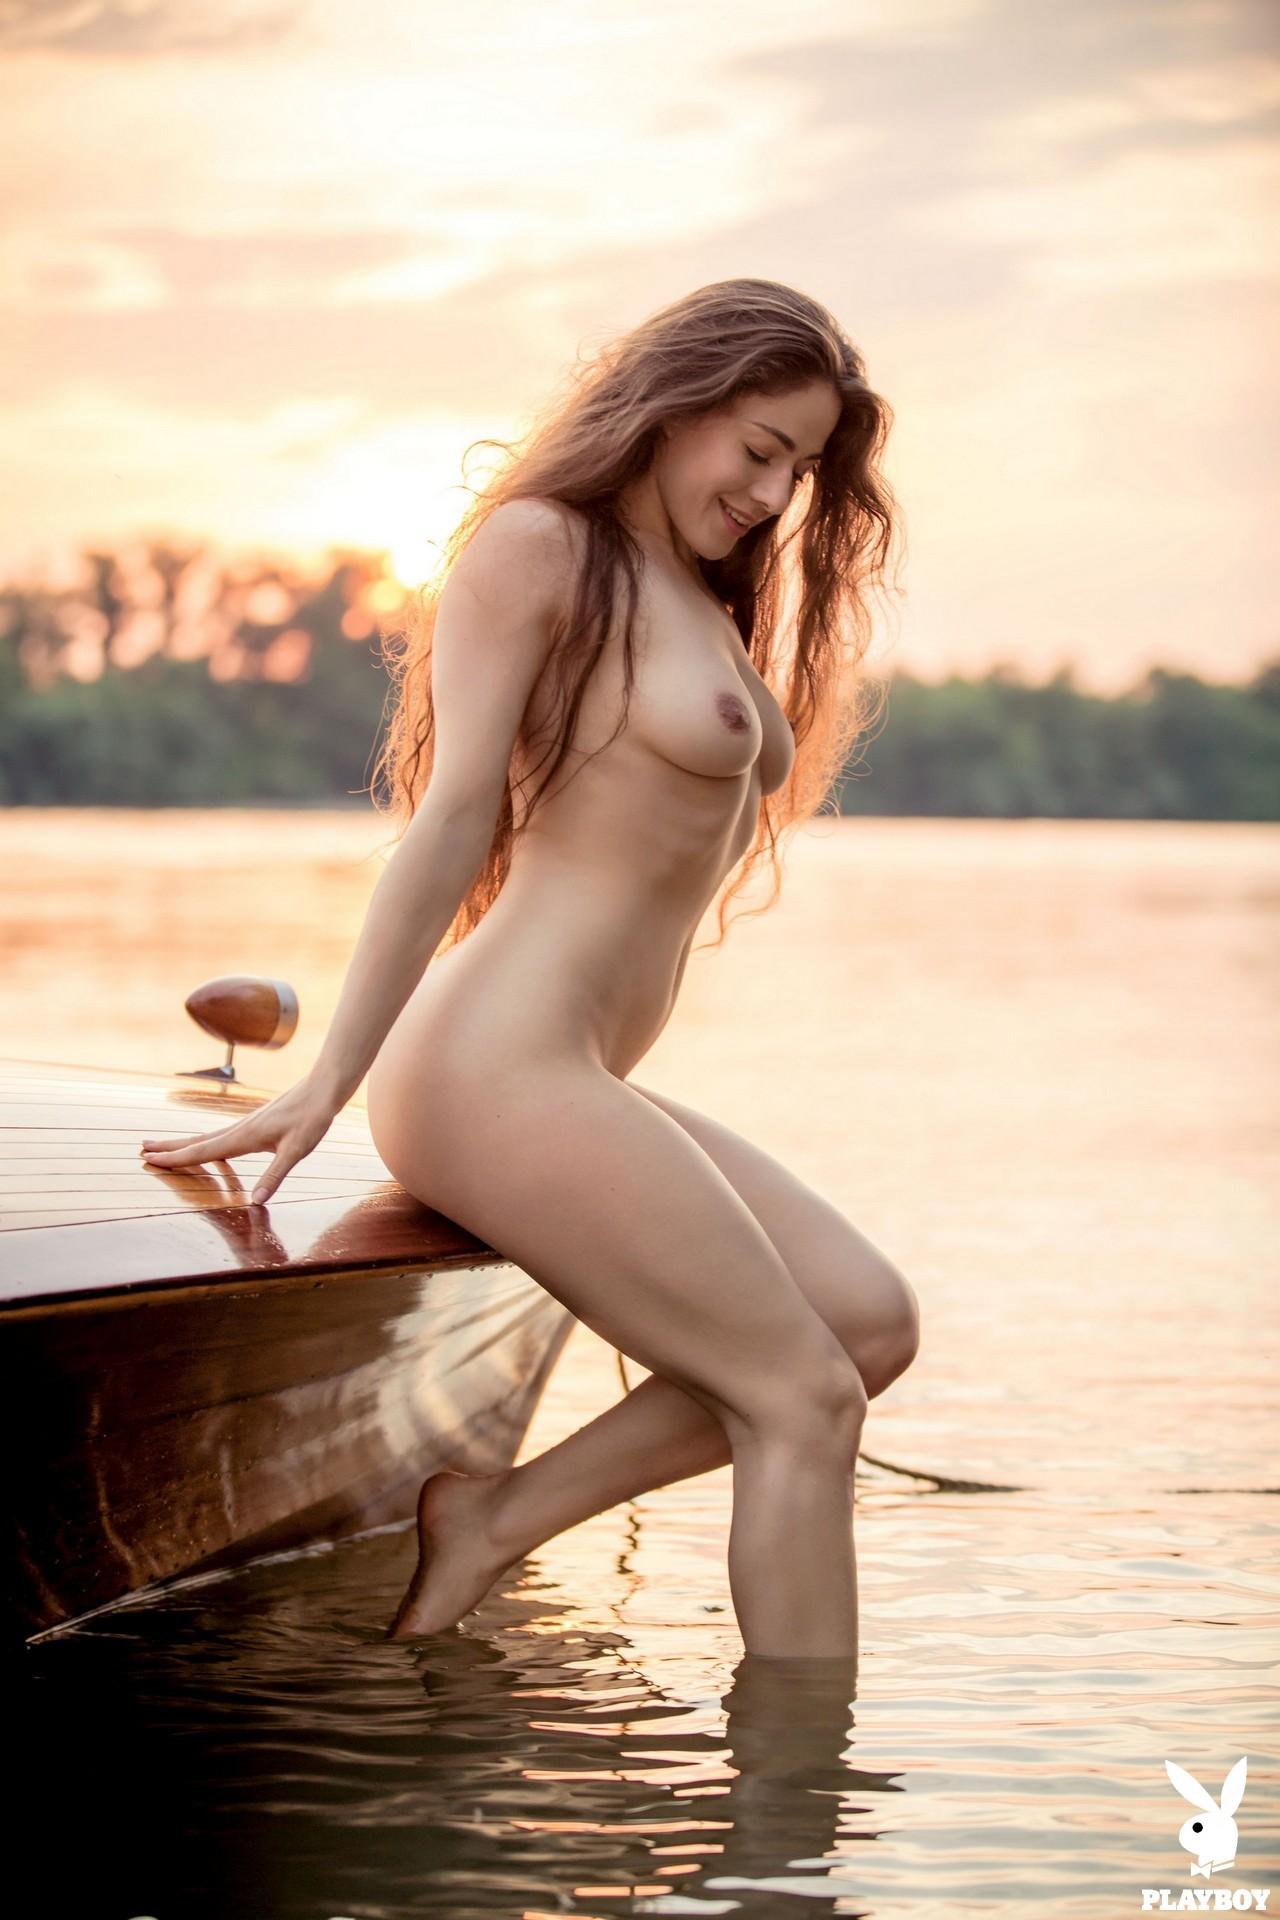 Joy Draiki in Sensational Voyage - Playboy Plus 29